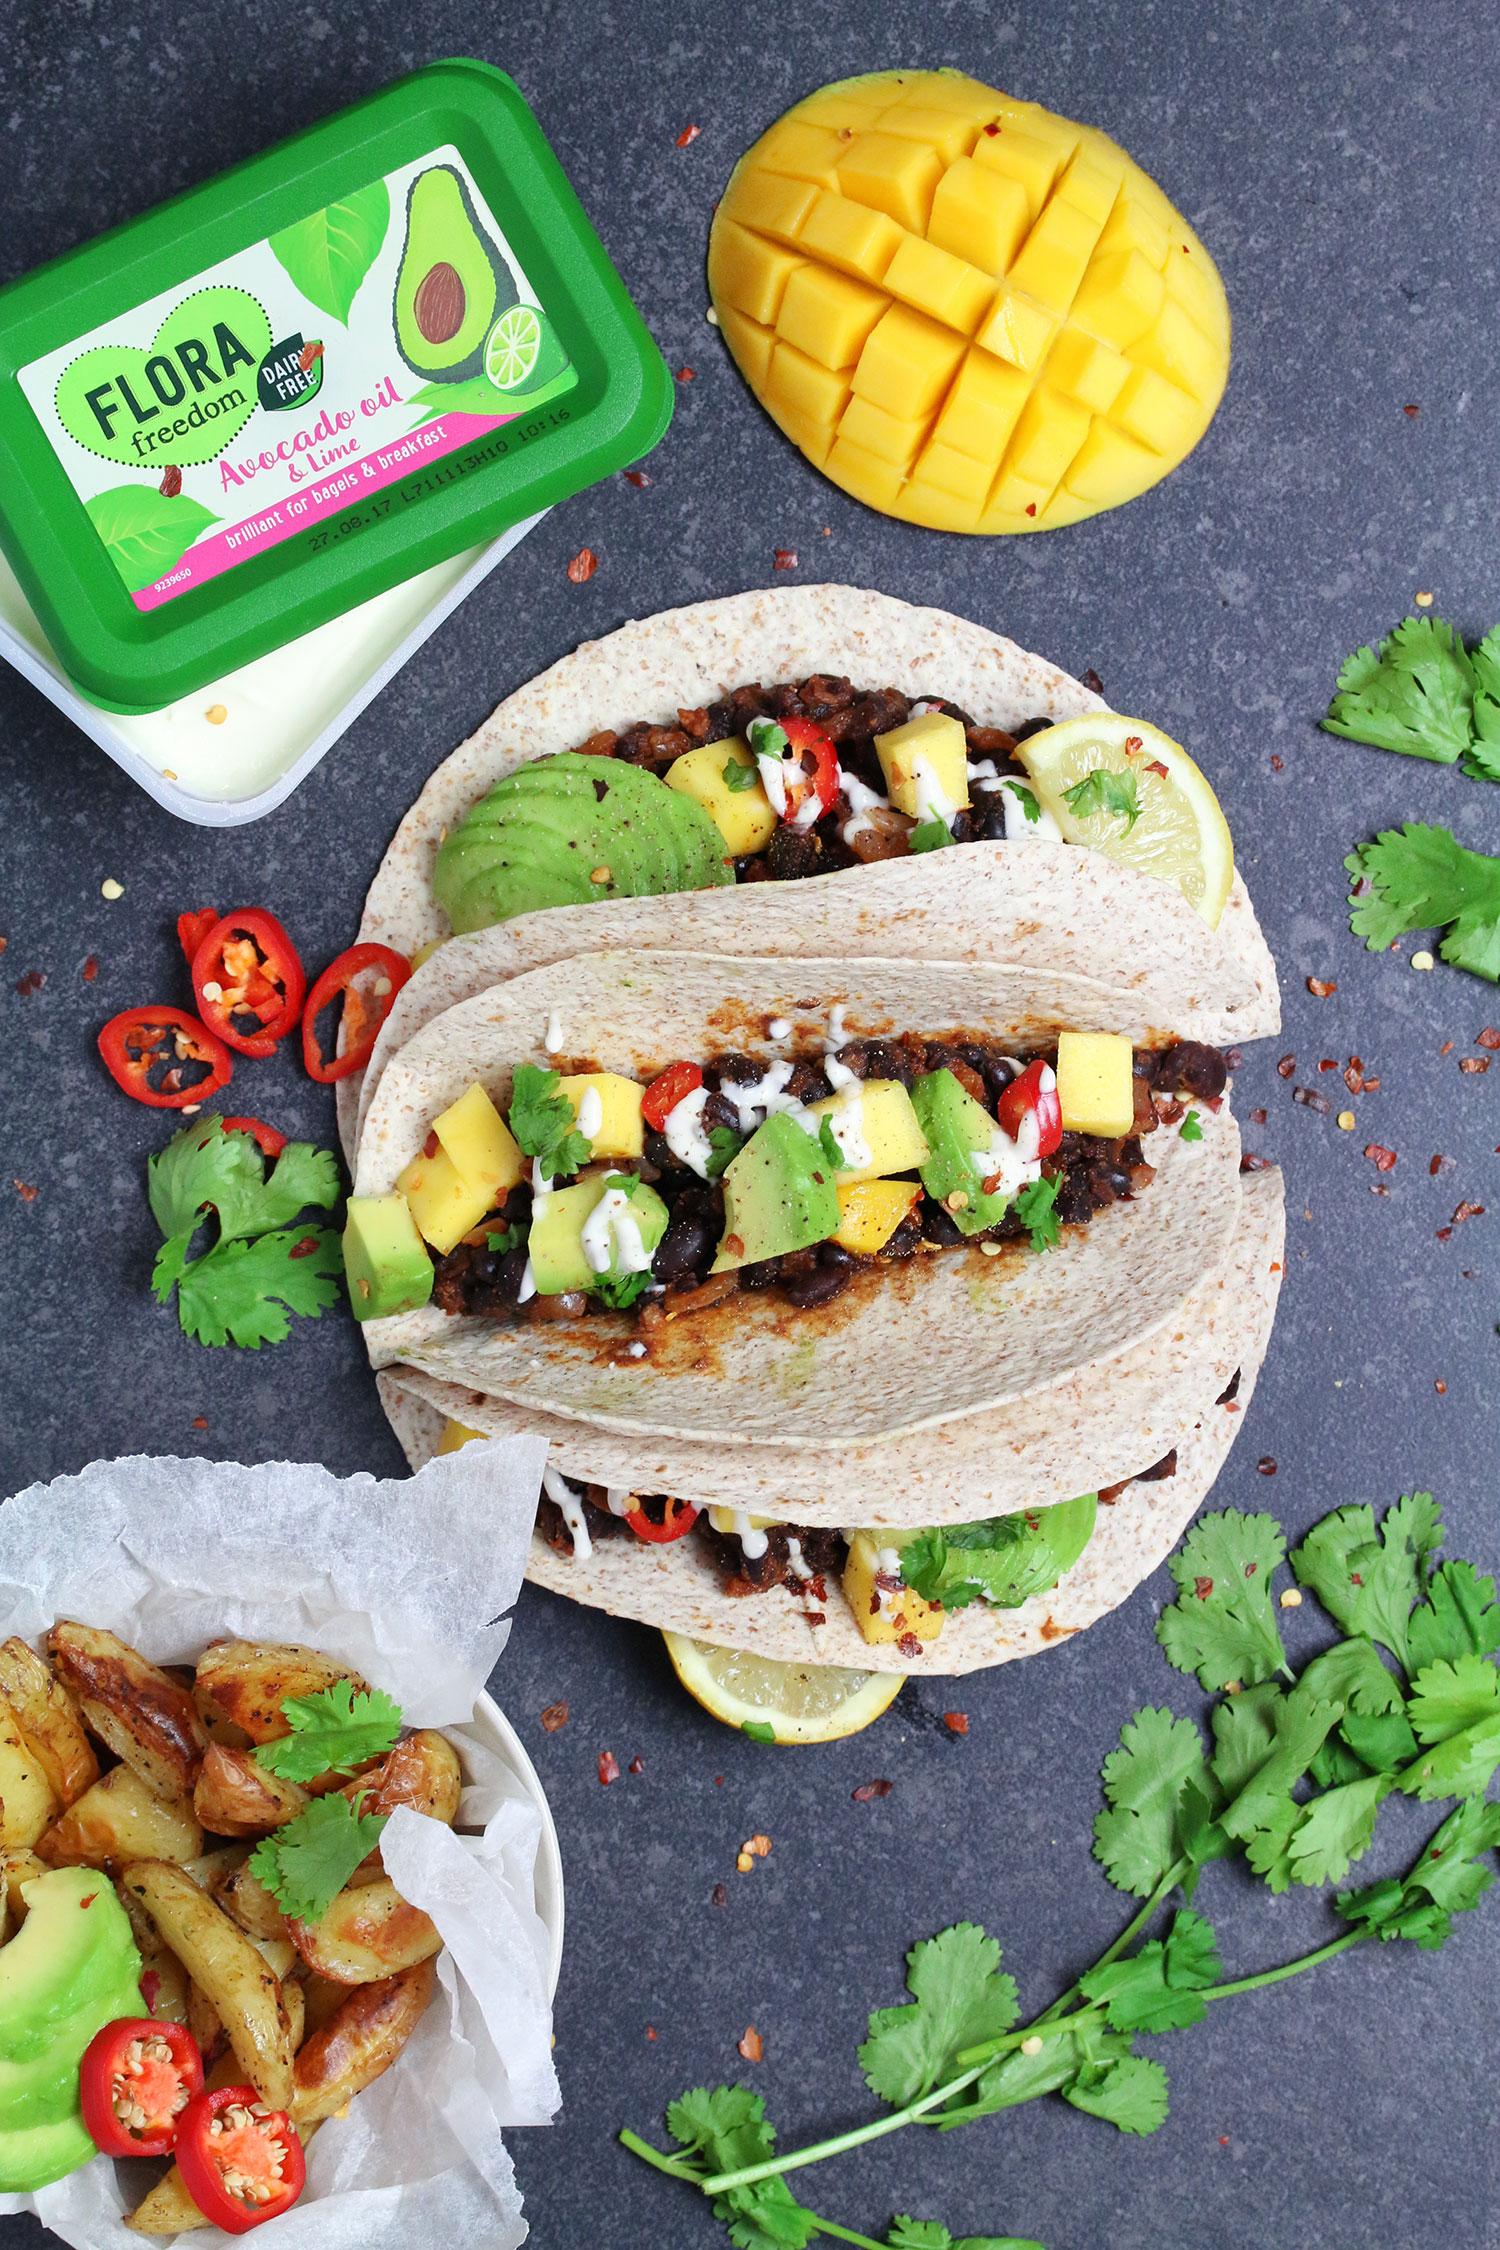 flora avocado and lime spread recipes